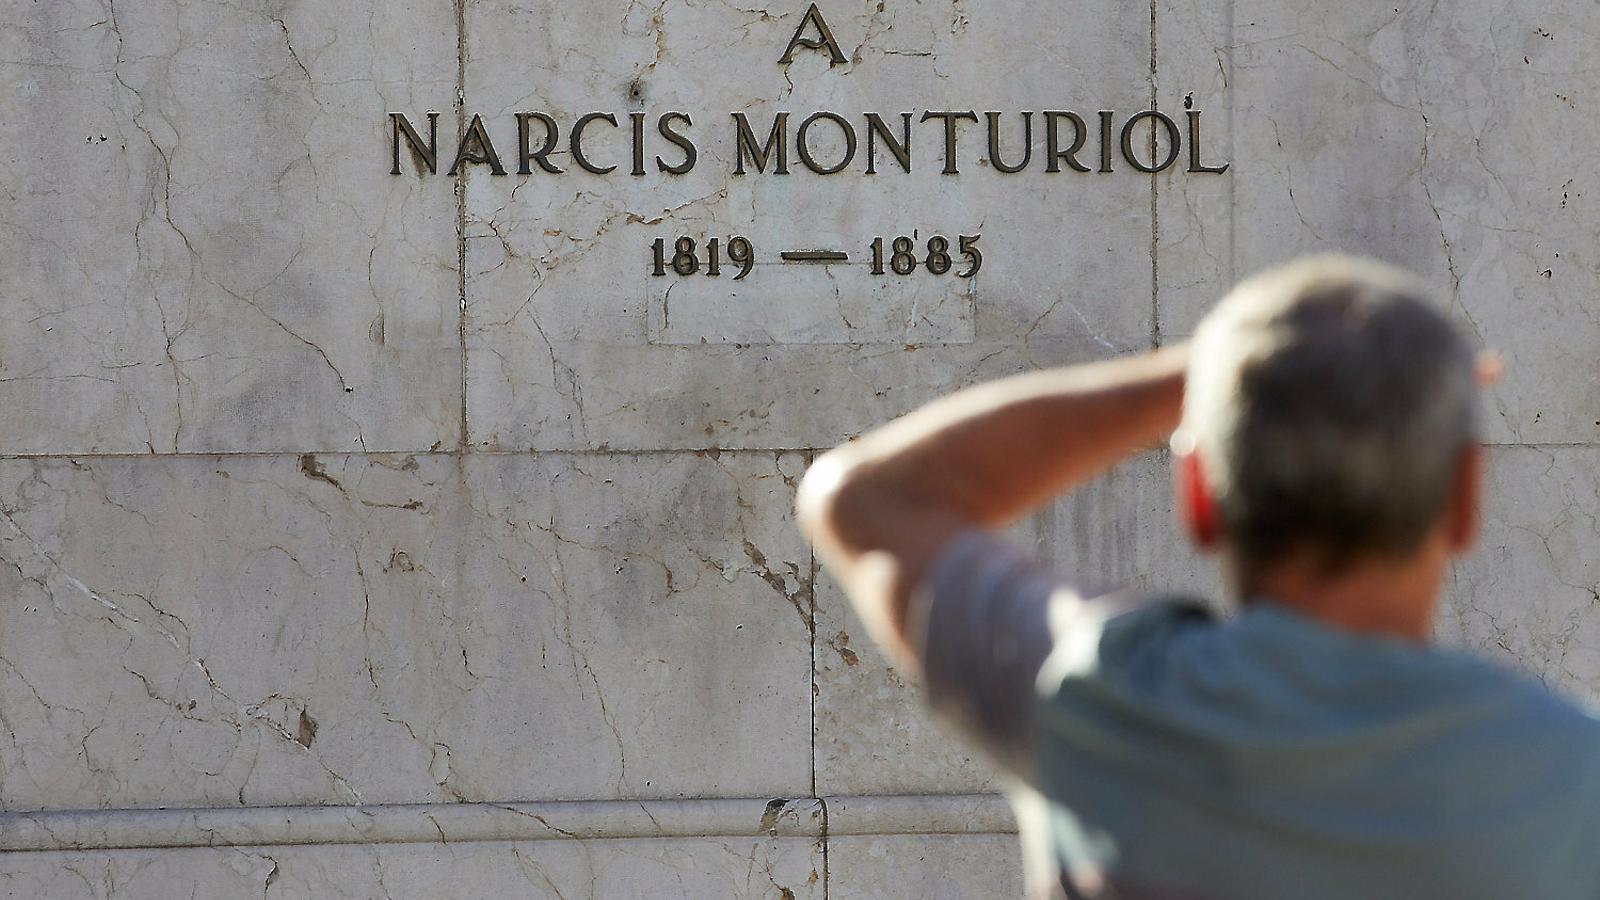 01. Monument a Narcís Monturiol a la Rambla de Figueres. 02. Rèplica de l'Ictíneo I situada al Museu Marítim de Barcelona.